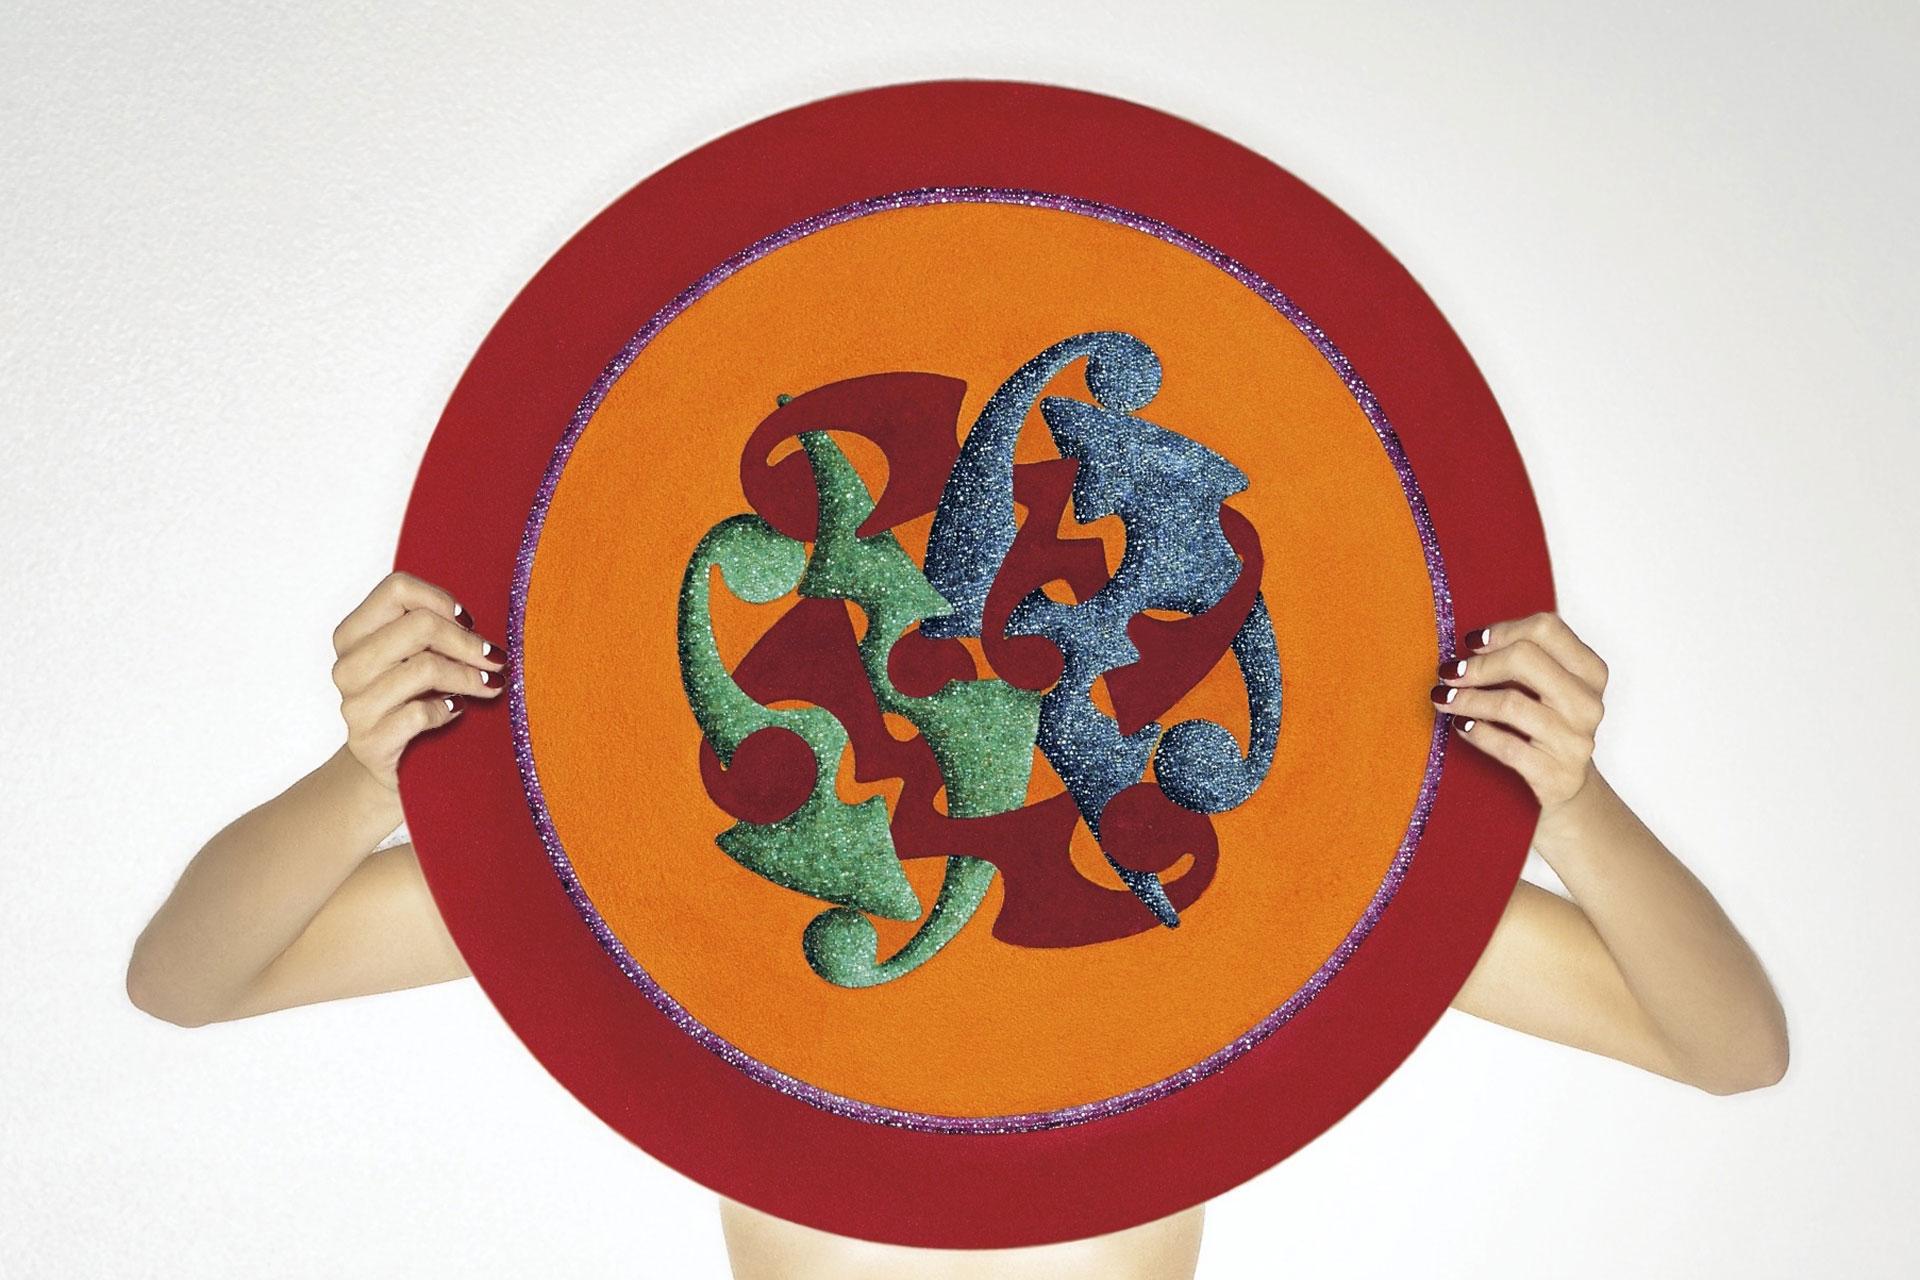 Tondo Cesari, 2009 - Disco alluminio, collage di quarzite dipinta, rubini, zaffiri,smeraldi, diametro cm 60